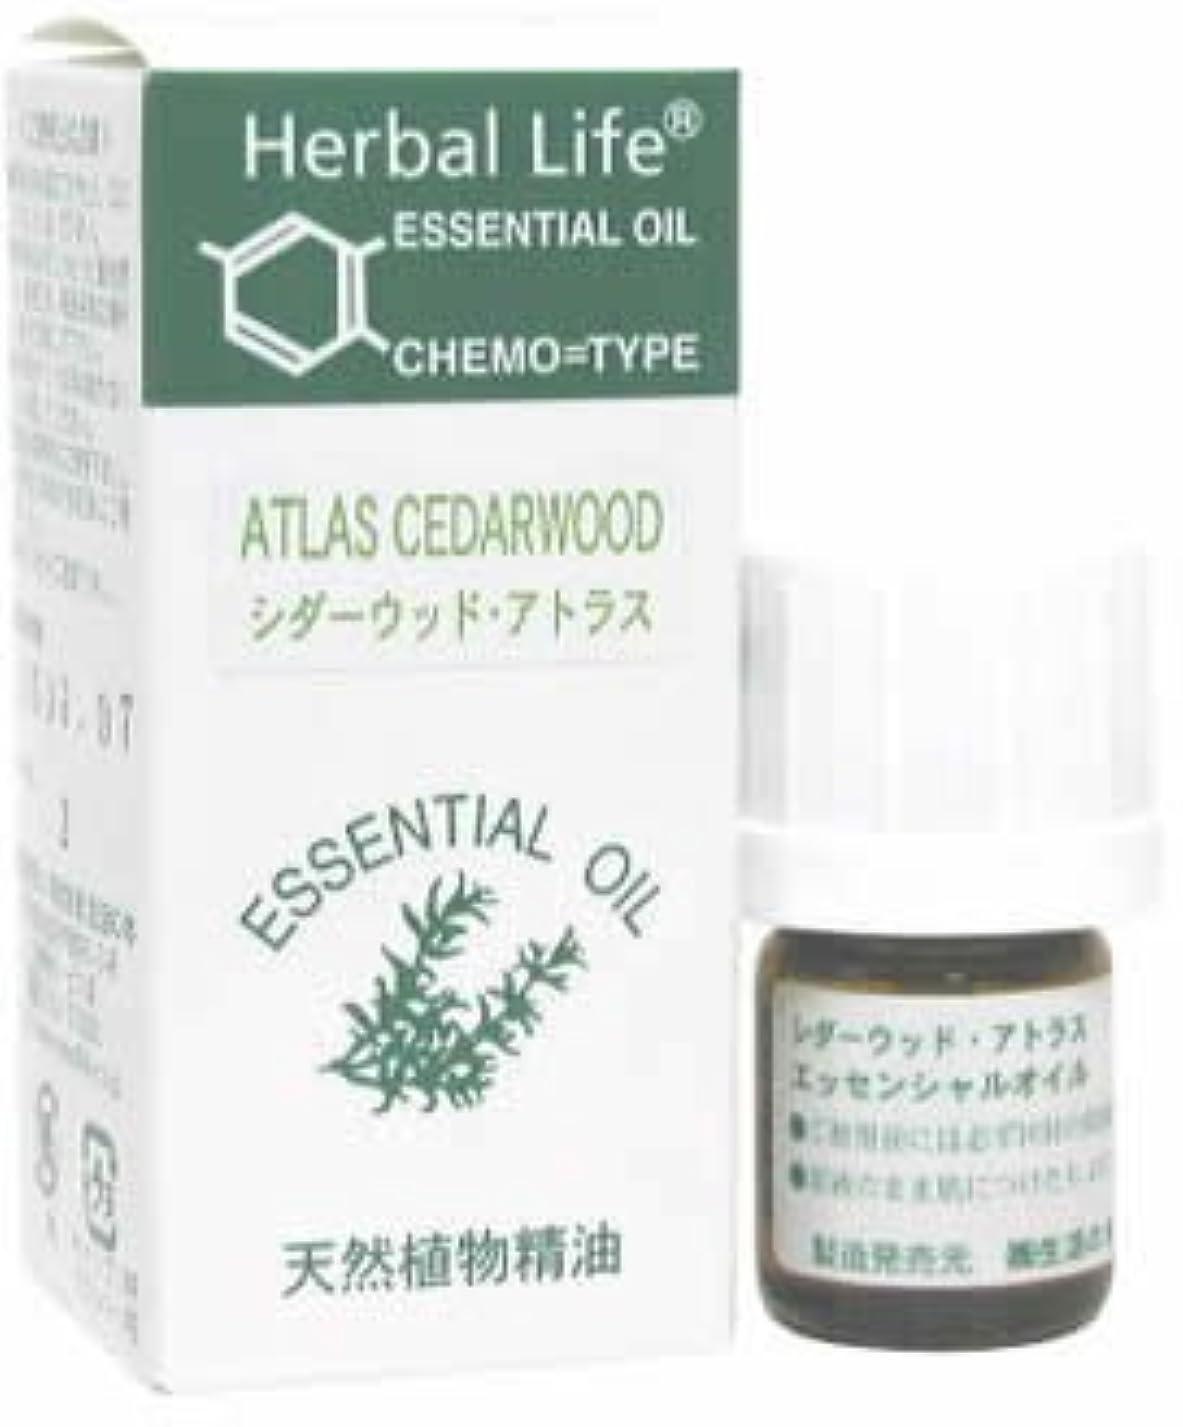 気体の習慣準拠生活の木 シダーウッドアトラス 3ml